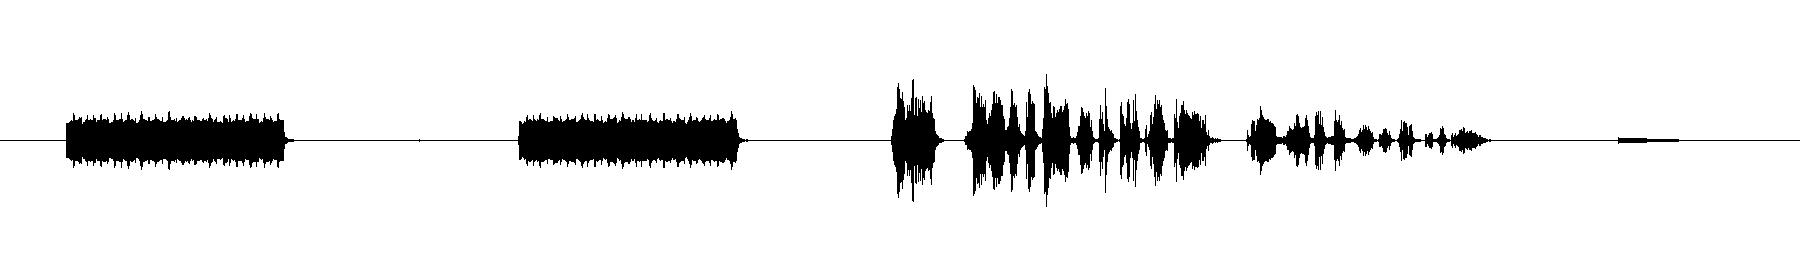 edit 2